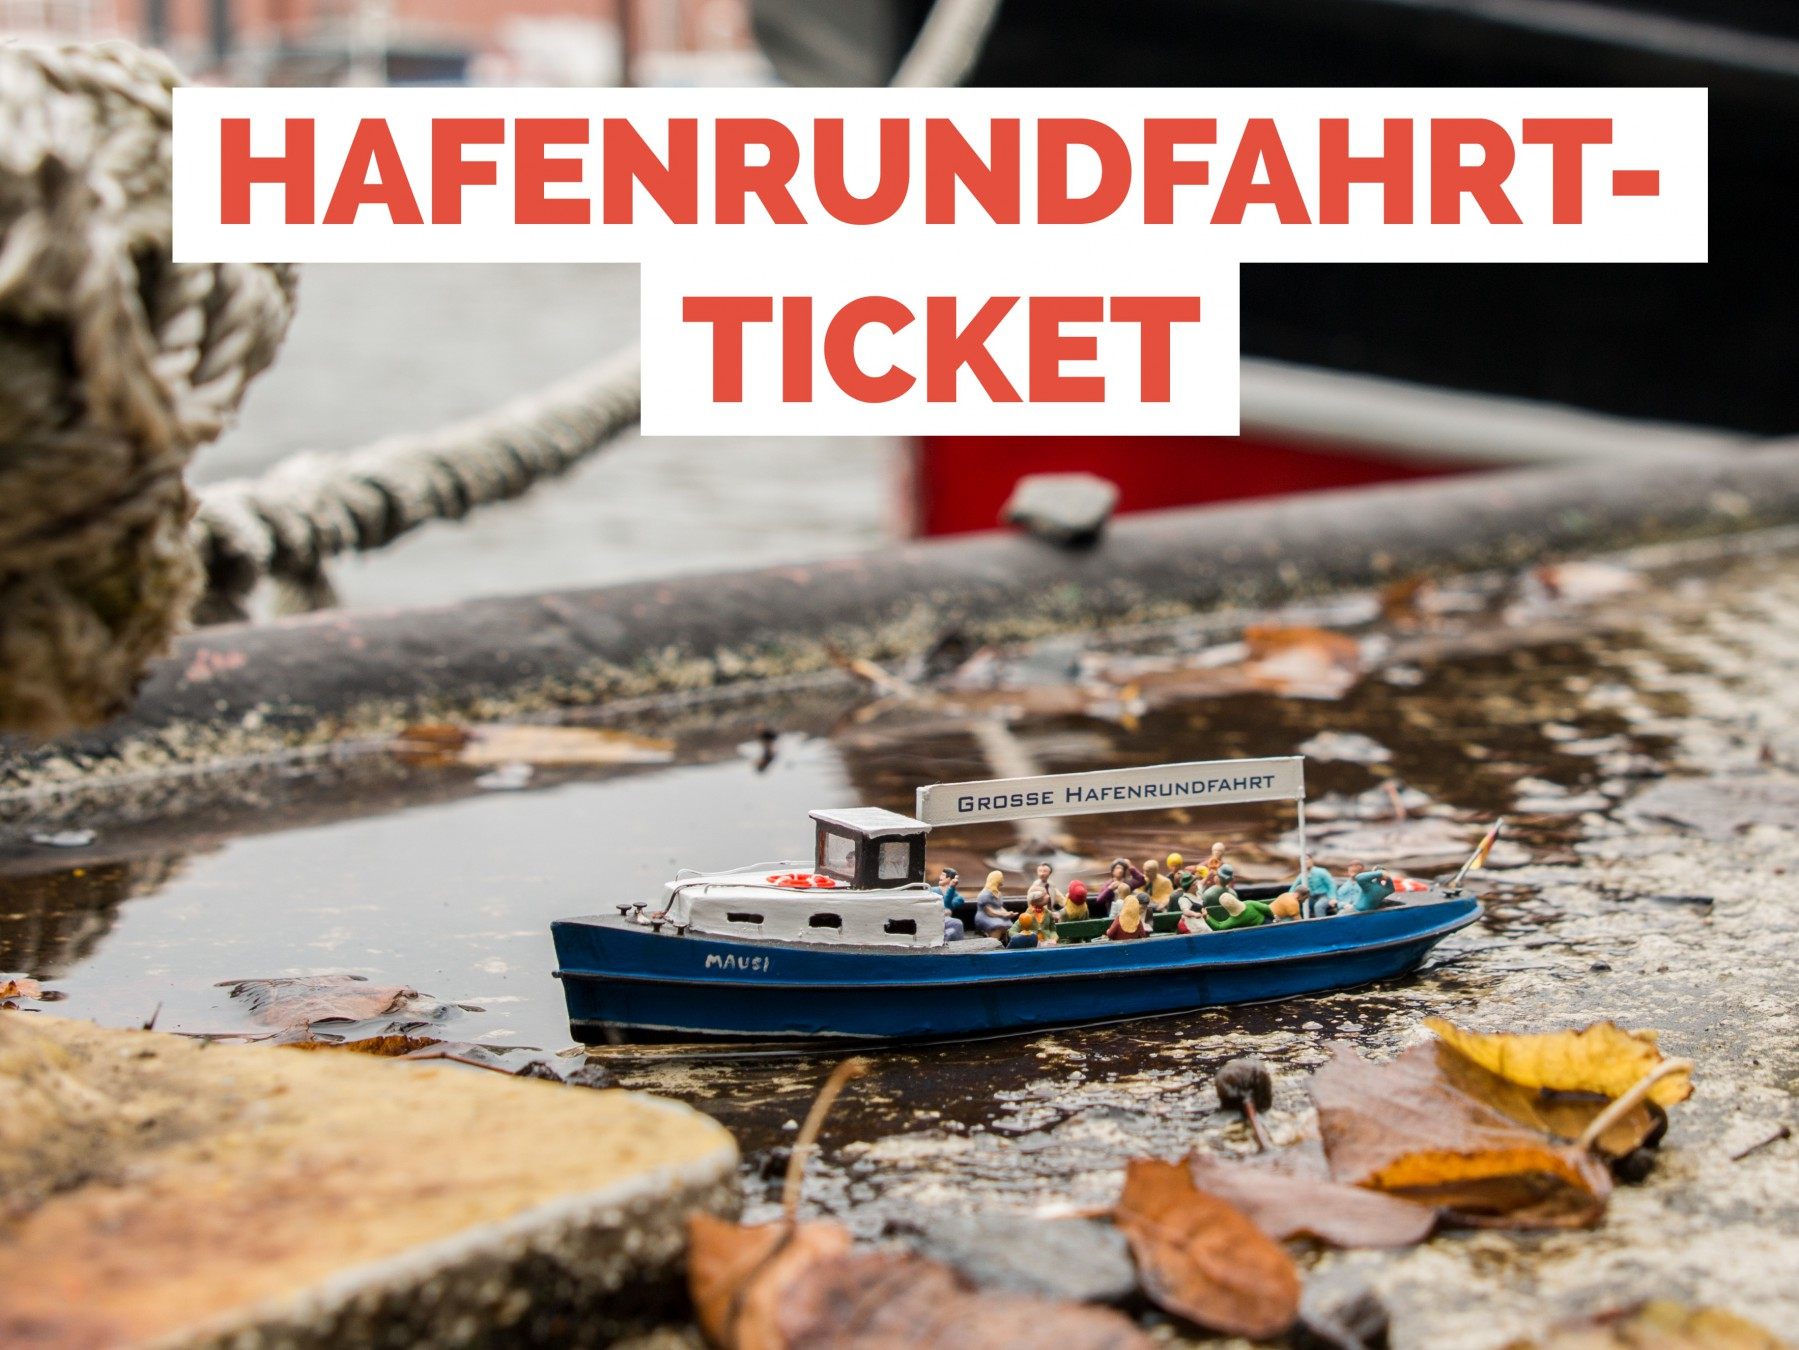 Ticket Hafenrundfahrt Hamburg Erwachsener Miniatur